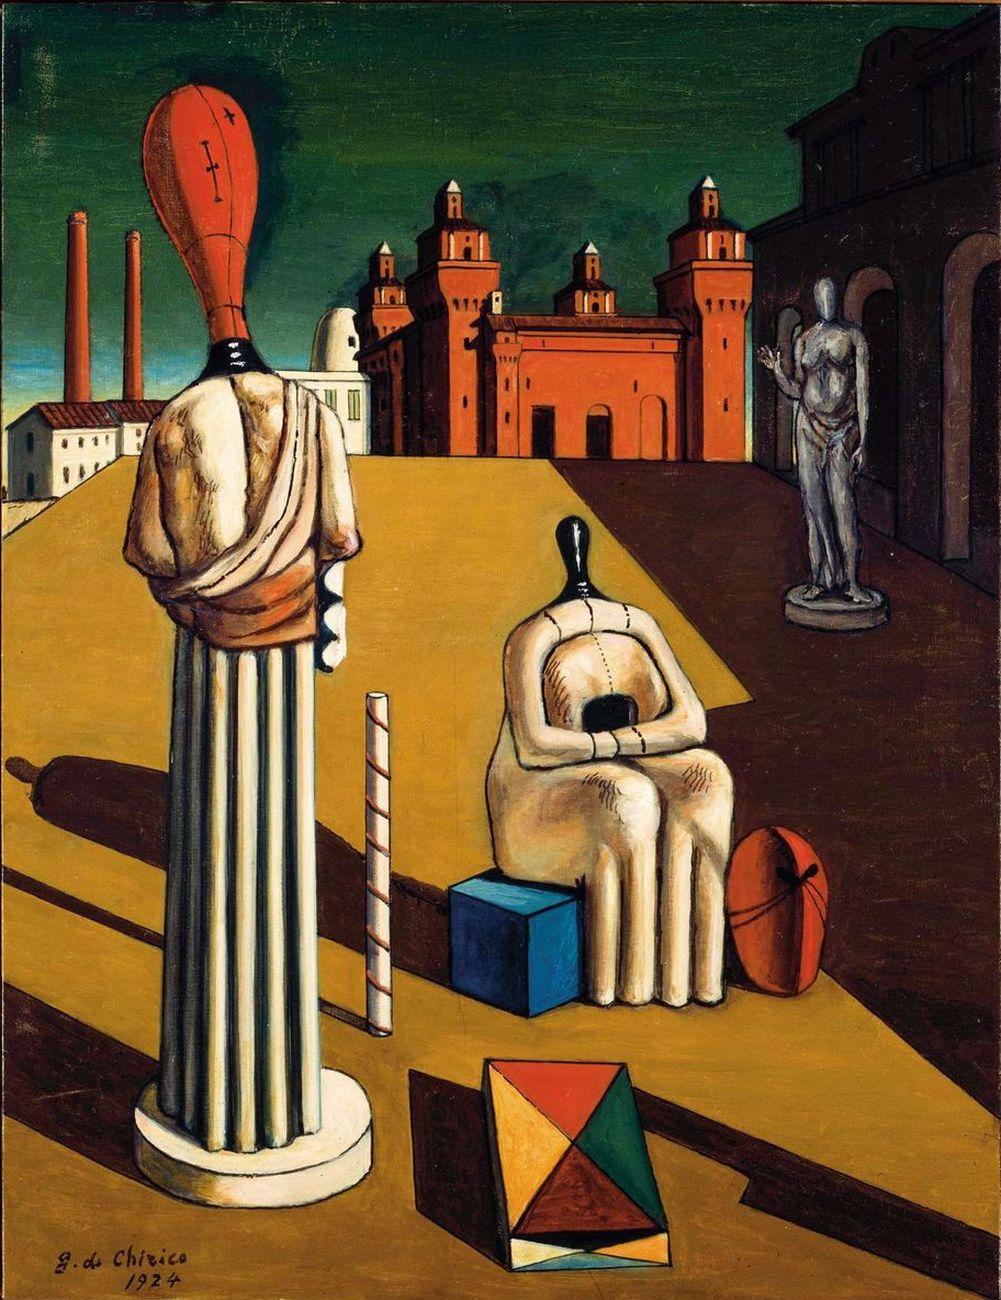 Giorgio de Chirico, Le muse inquietanti, 1974, olio su tela, 65x50 cm, Fondazione Giorgio e Isa de Chirico Roma